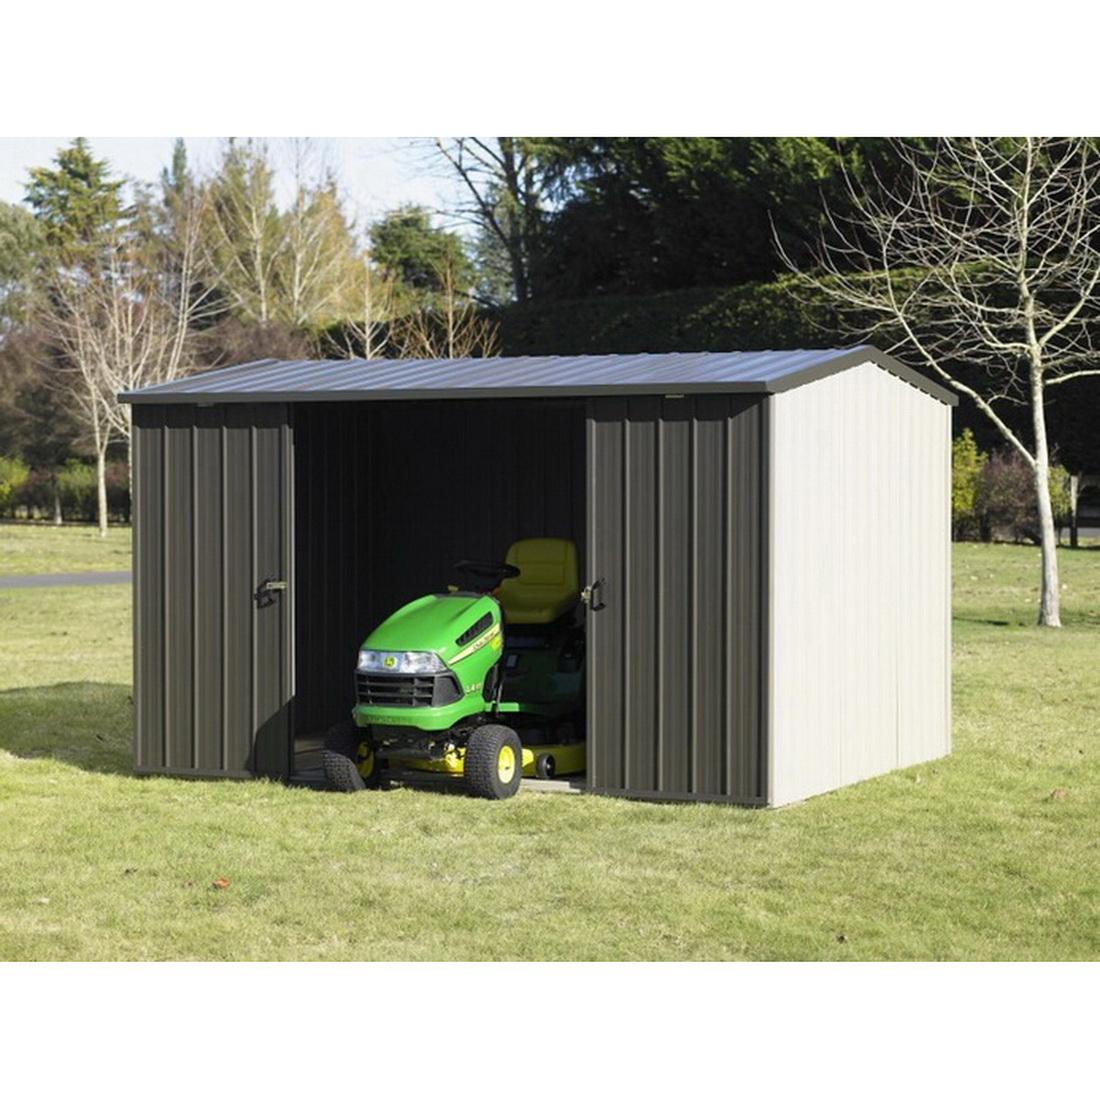 Kiwi Colour Kitset Garden Shed 3.38 x 2.545 x 2.11m